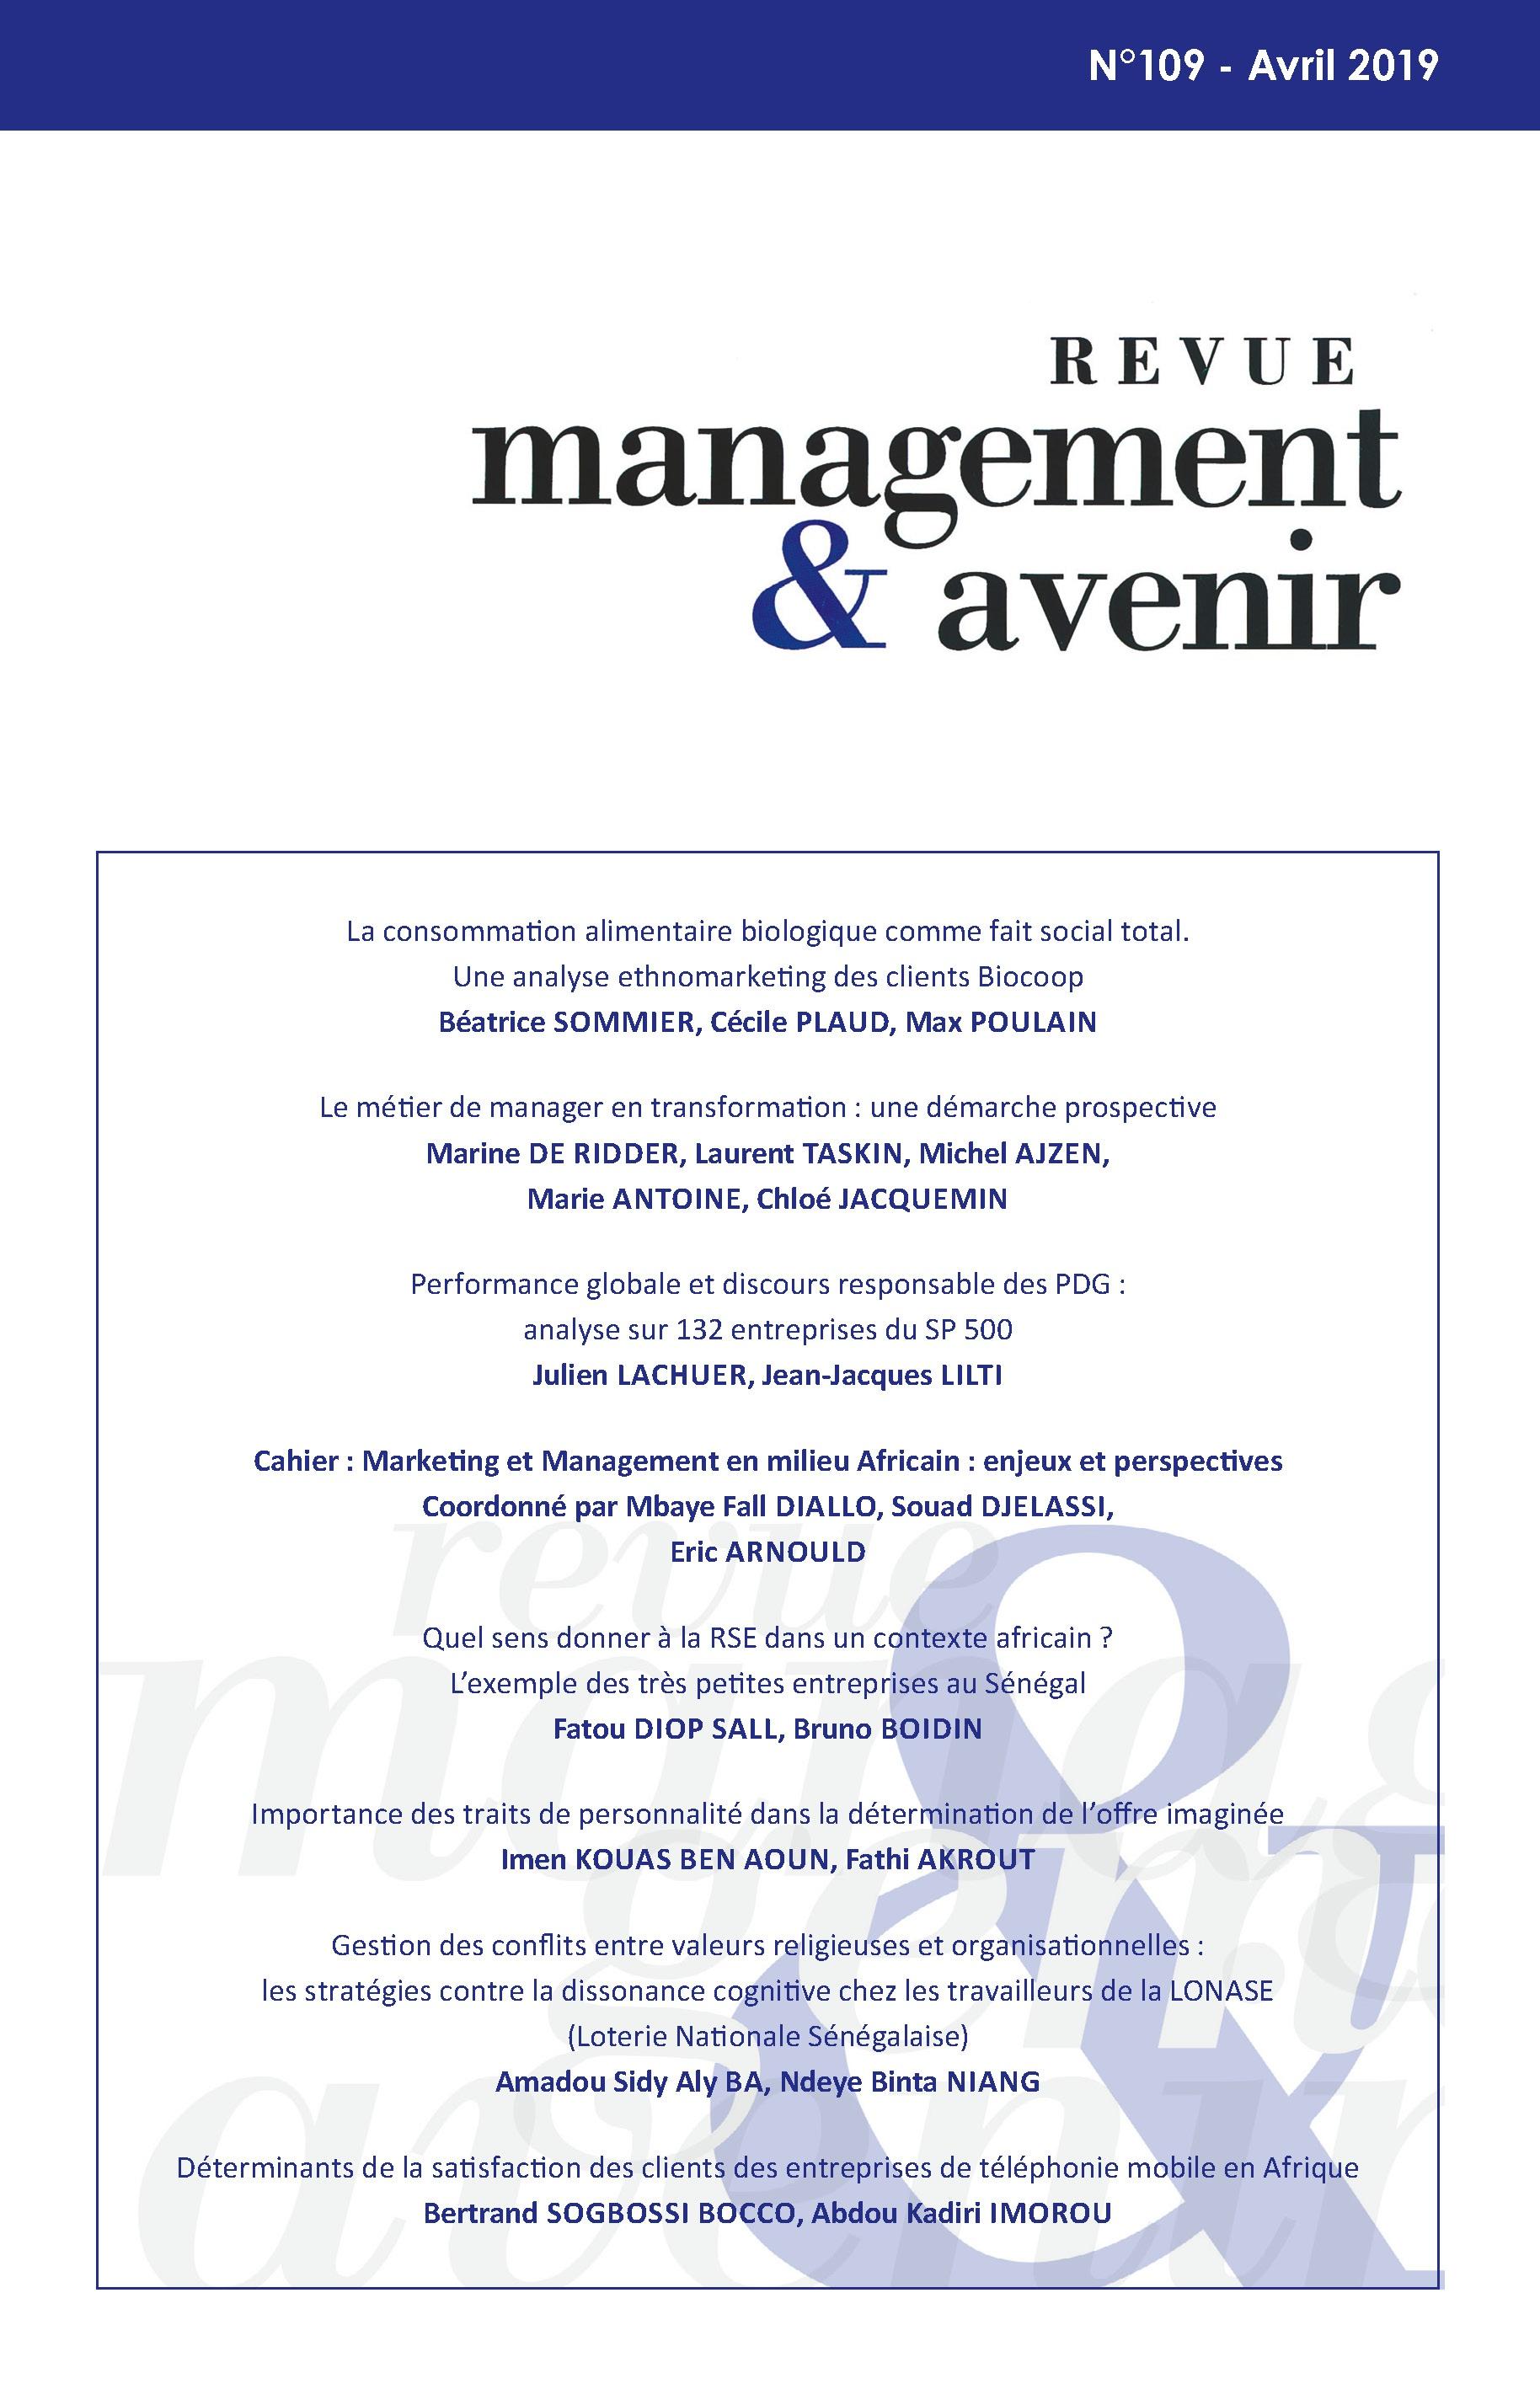 Le métier de manager en transformation : une démarche prospective